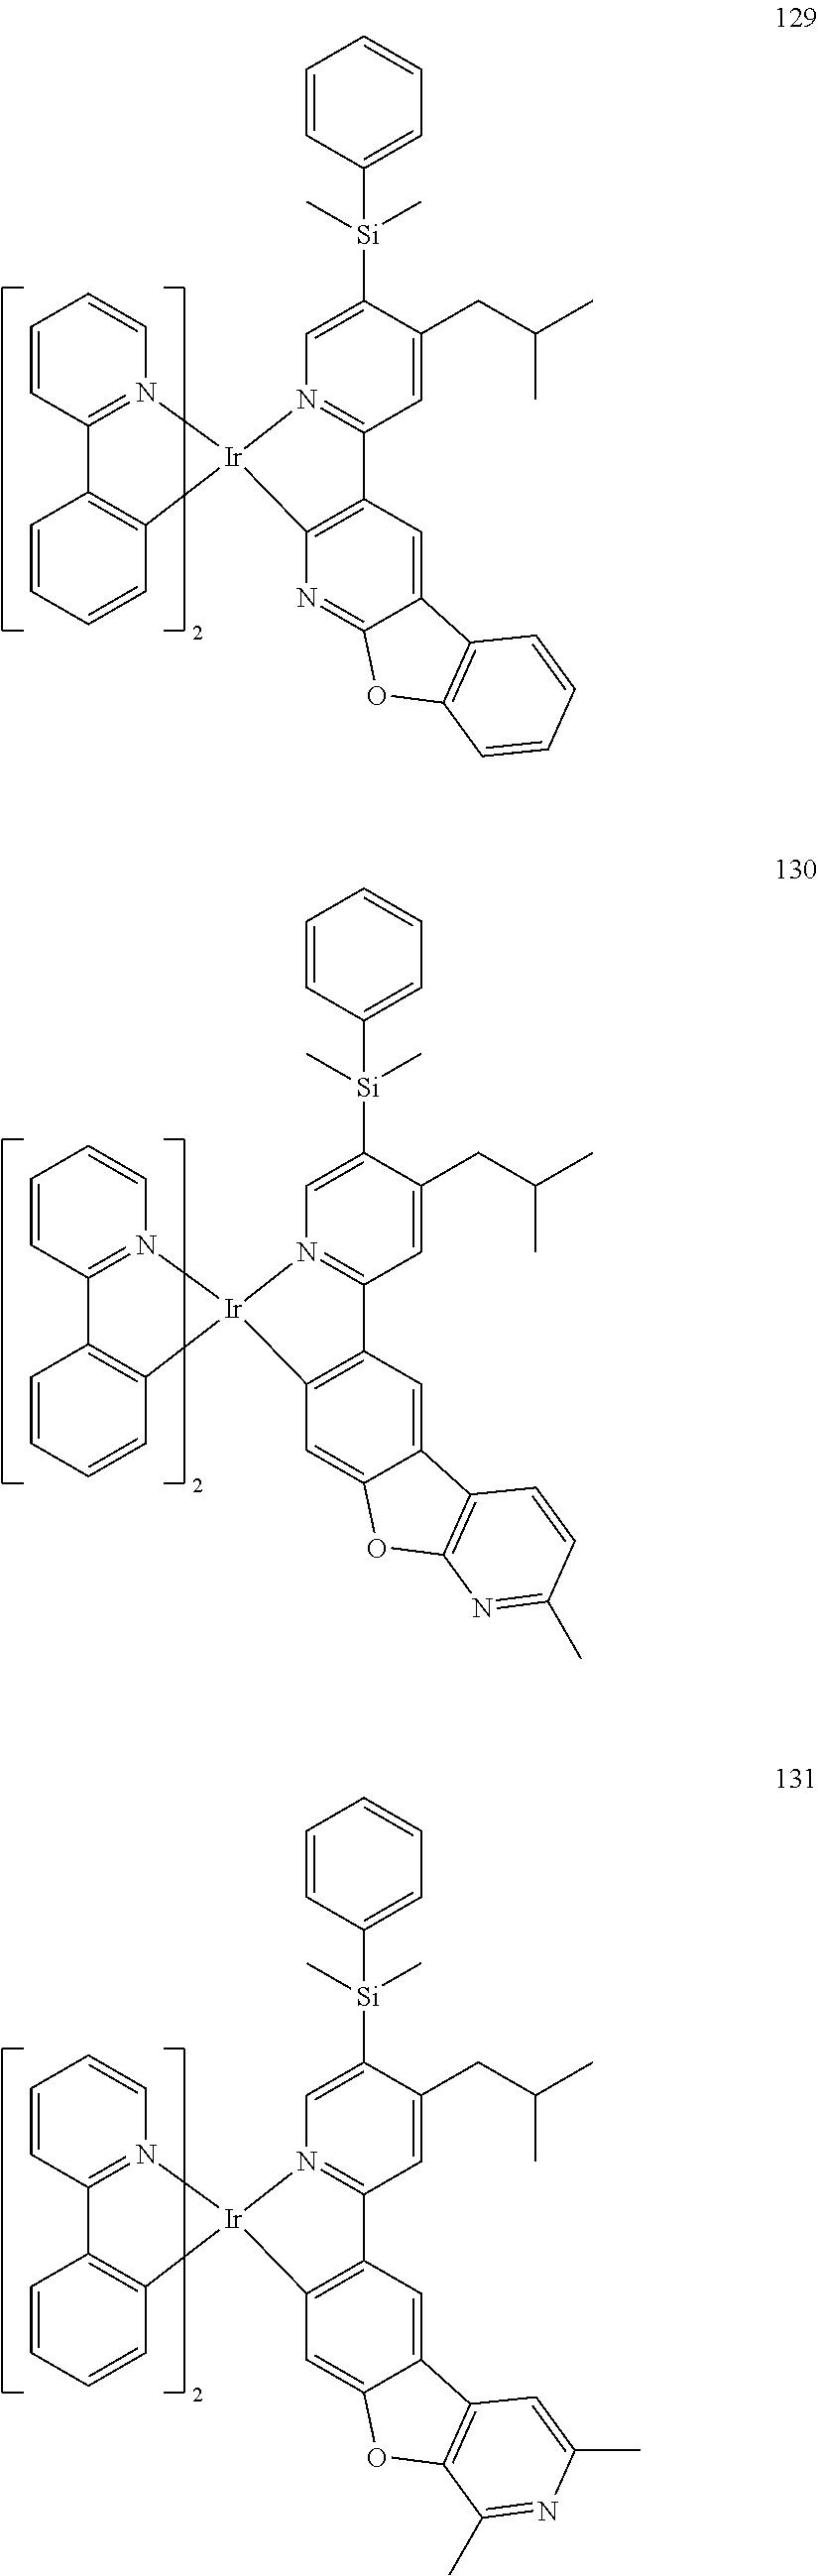 Figure US20160155962A1-20160602-C00367